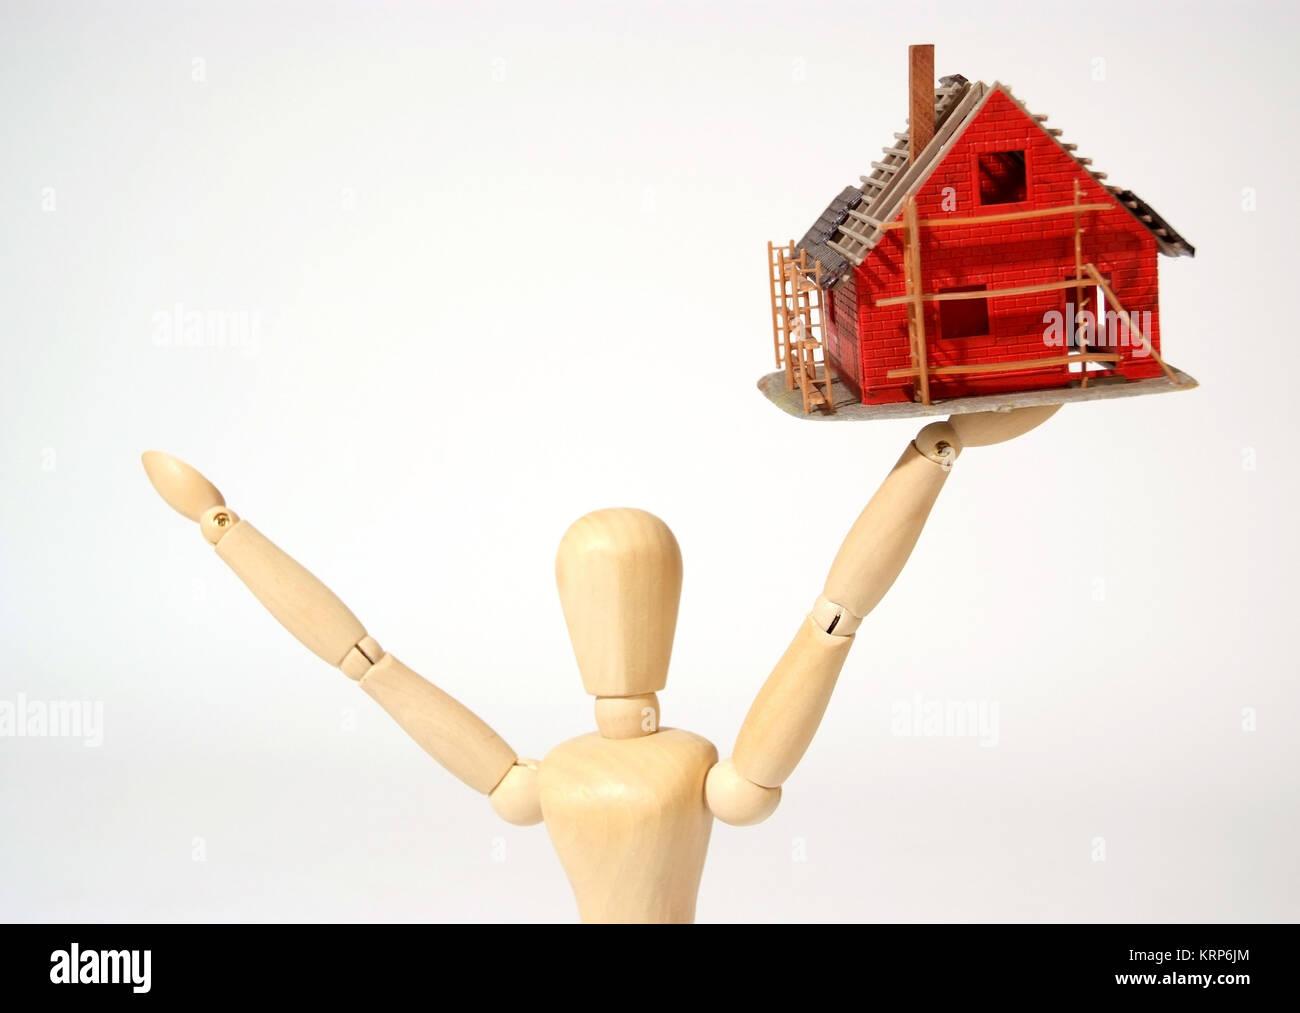 Symbolbild Jubel Fischland Eigenheim, Haeuselbauer - symbolische zur Freude für neues bauen Haus Stockbild